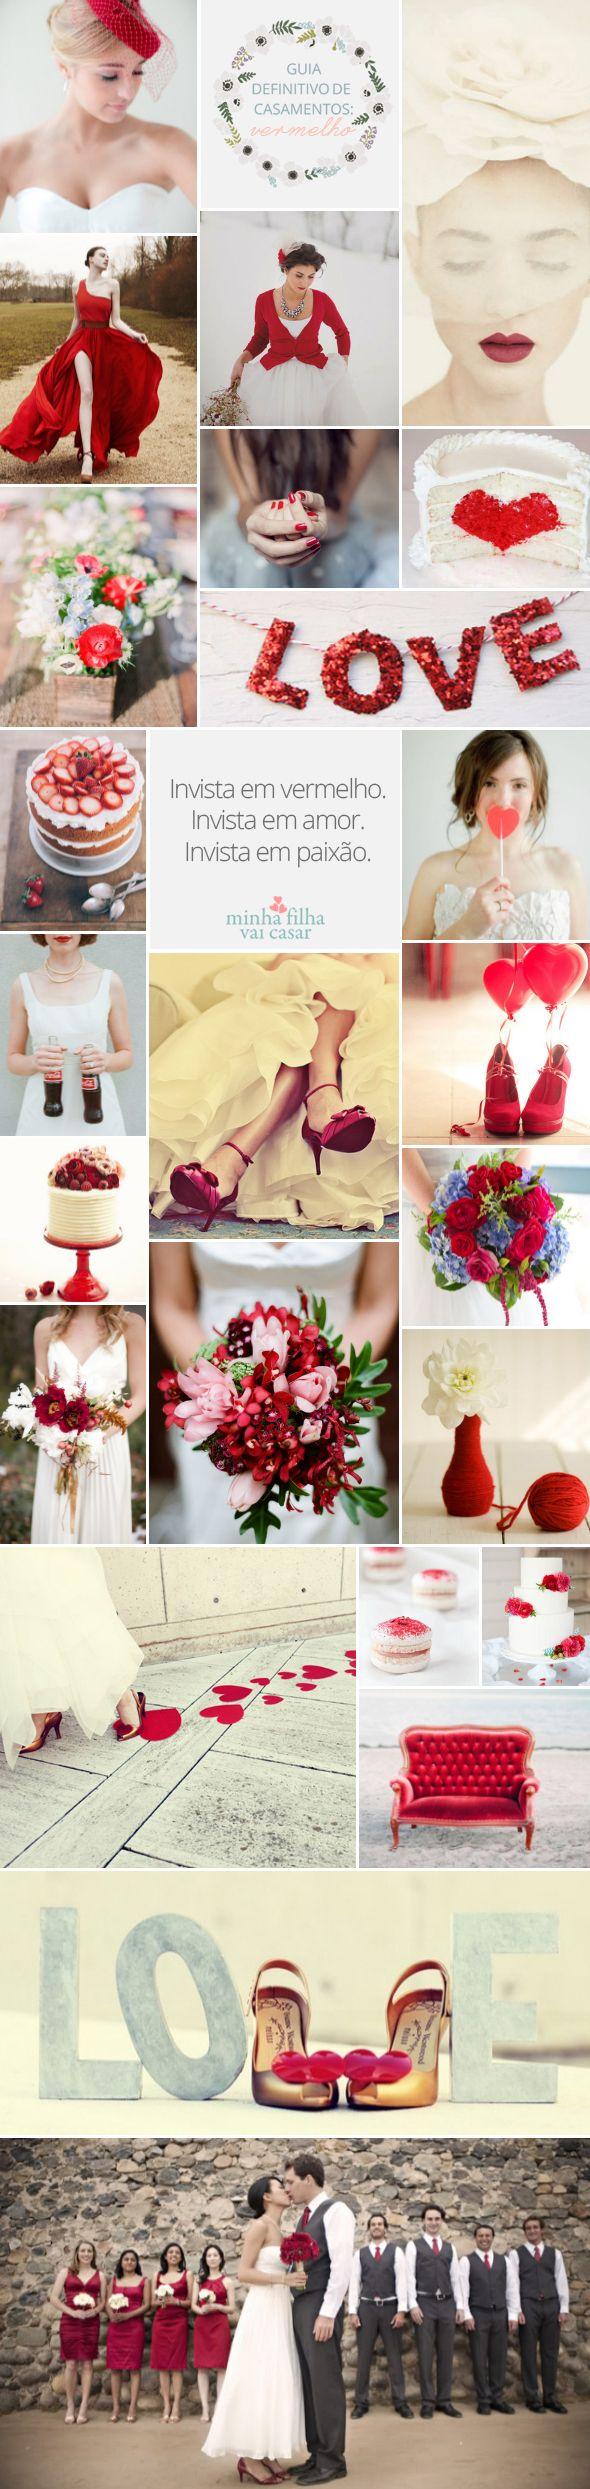 guia definitivo de casamentos vermelho